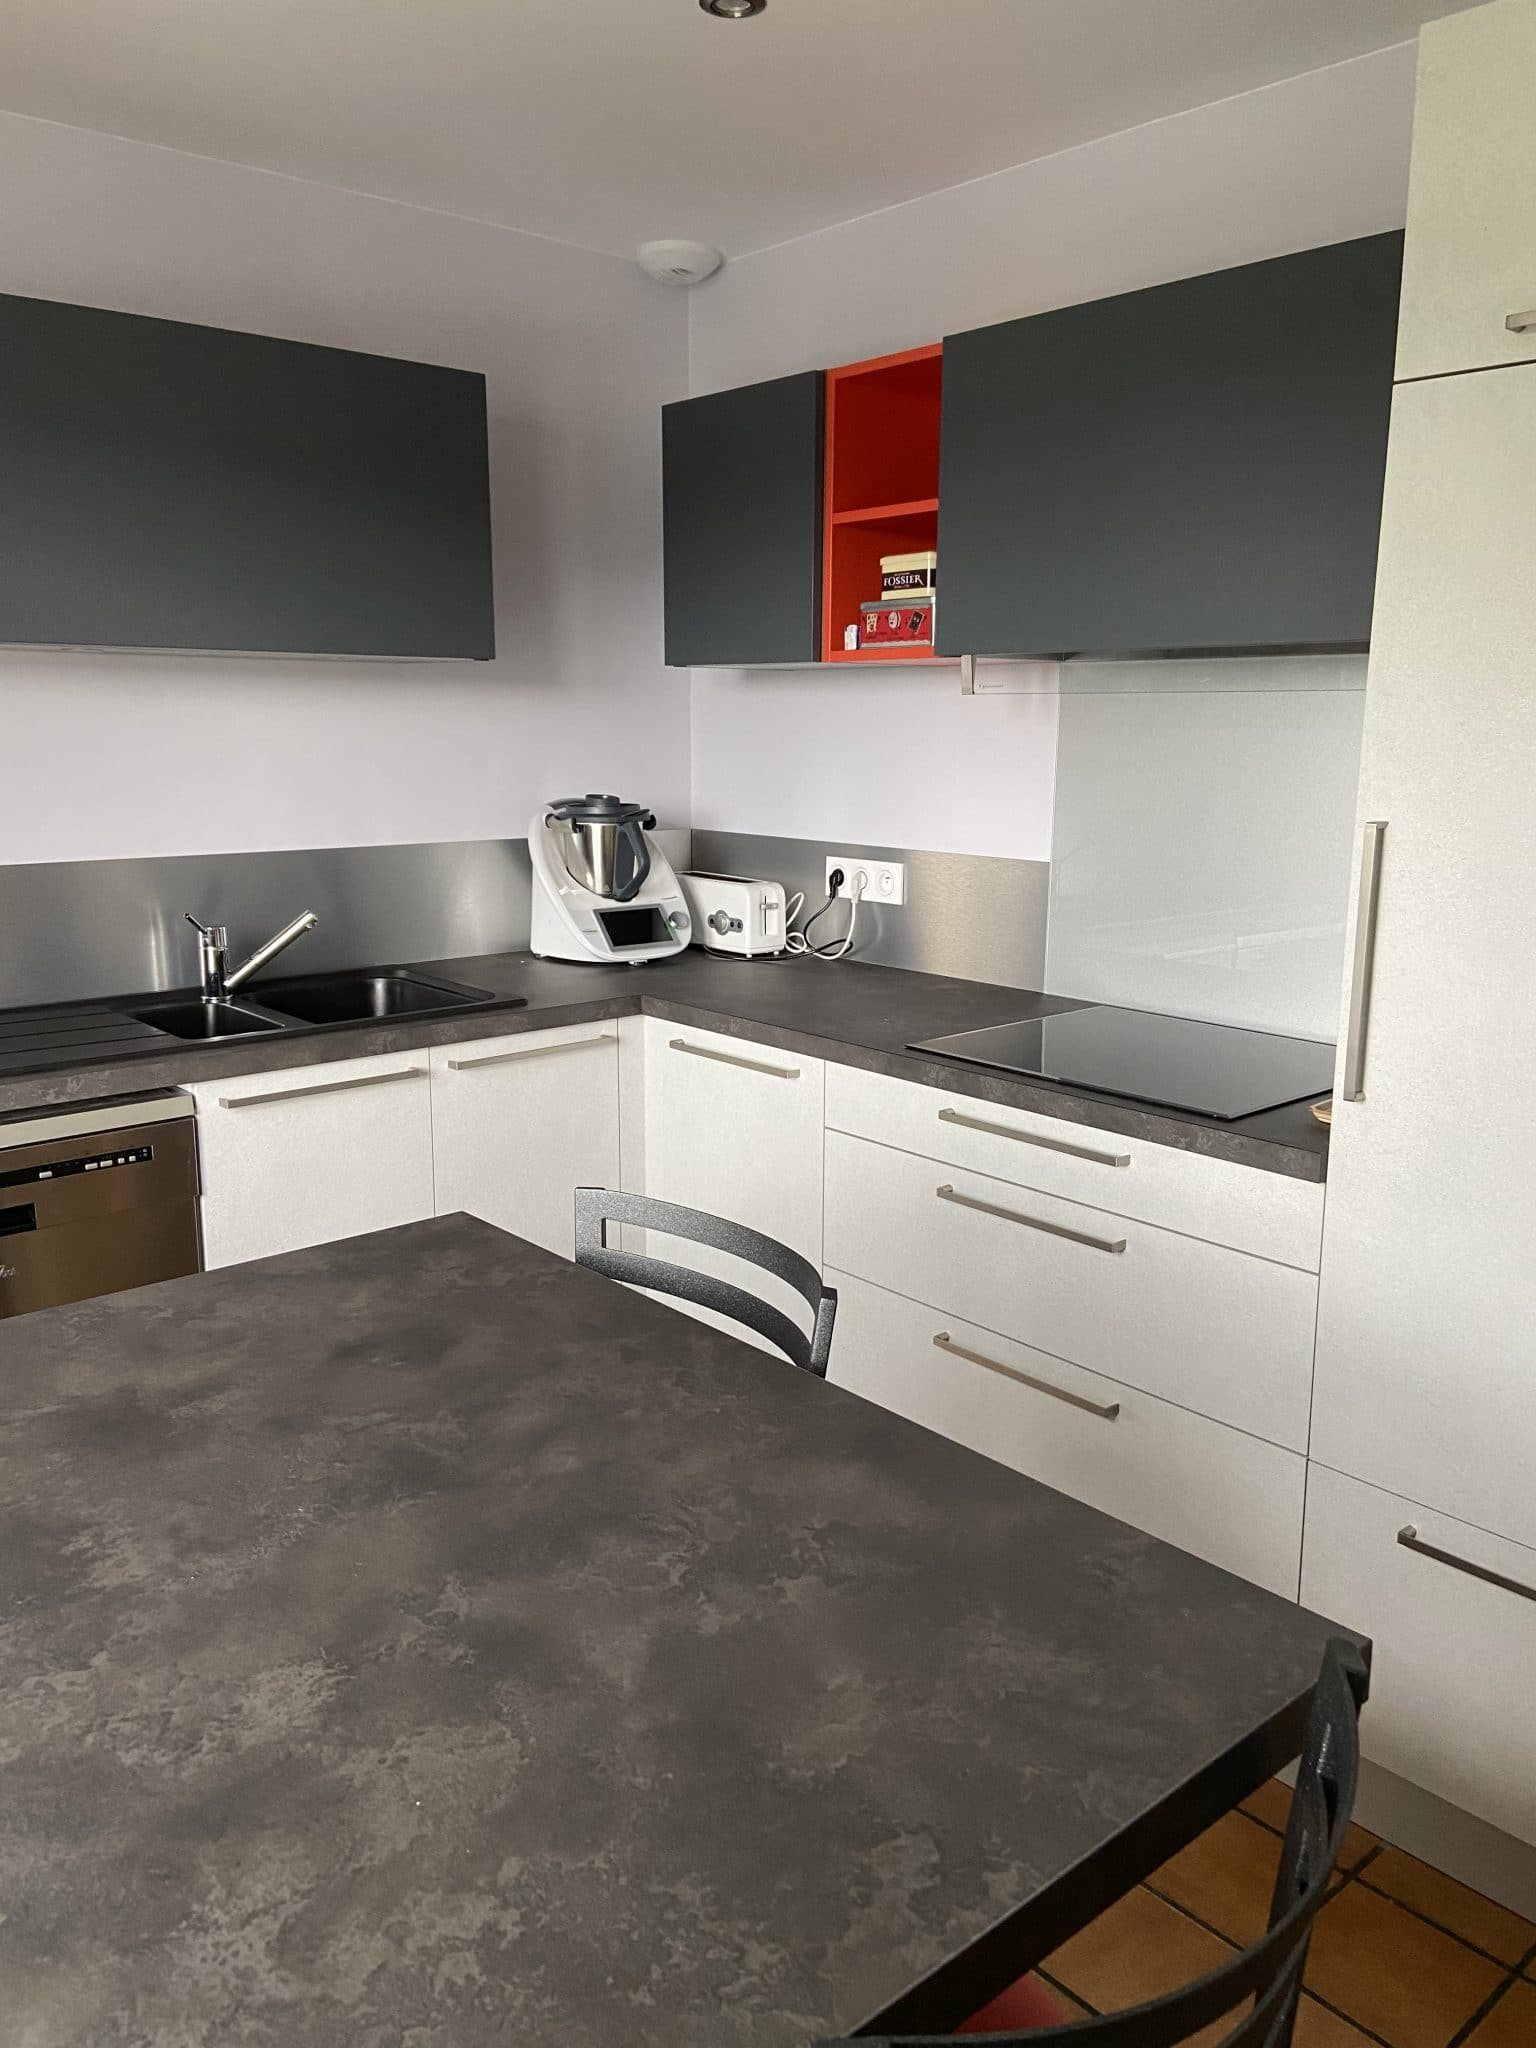 Rénovation d'une cuisine à Terrenoire dans un quartier de Saint-Étienne (42)